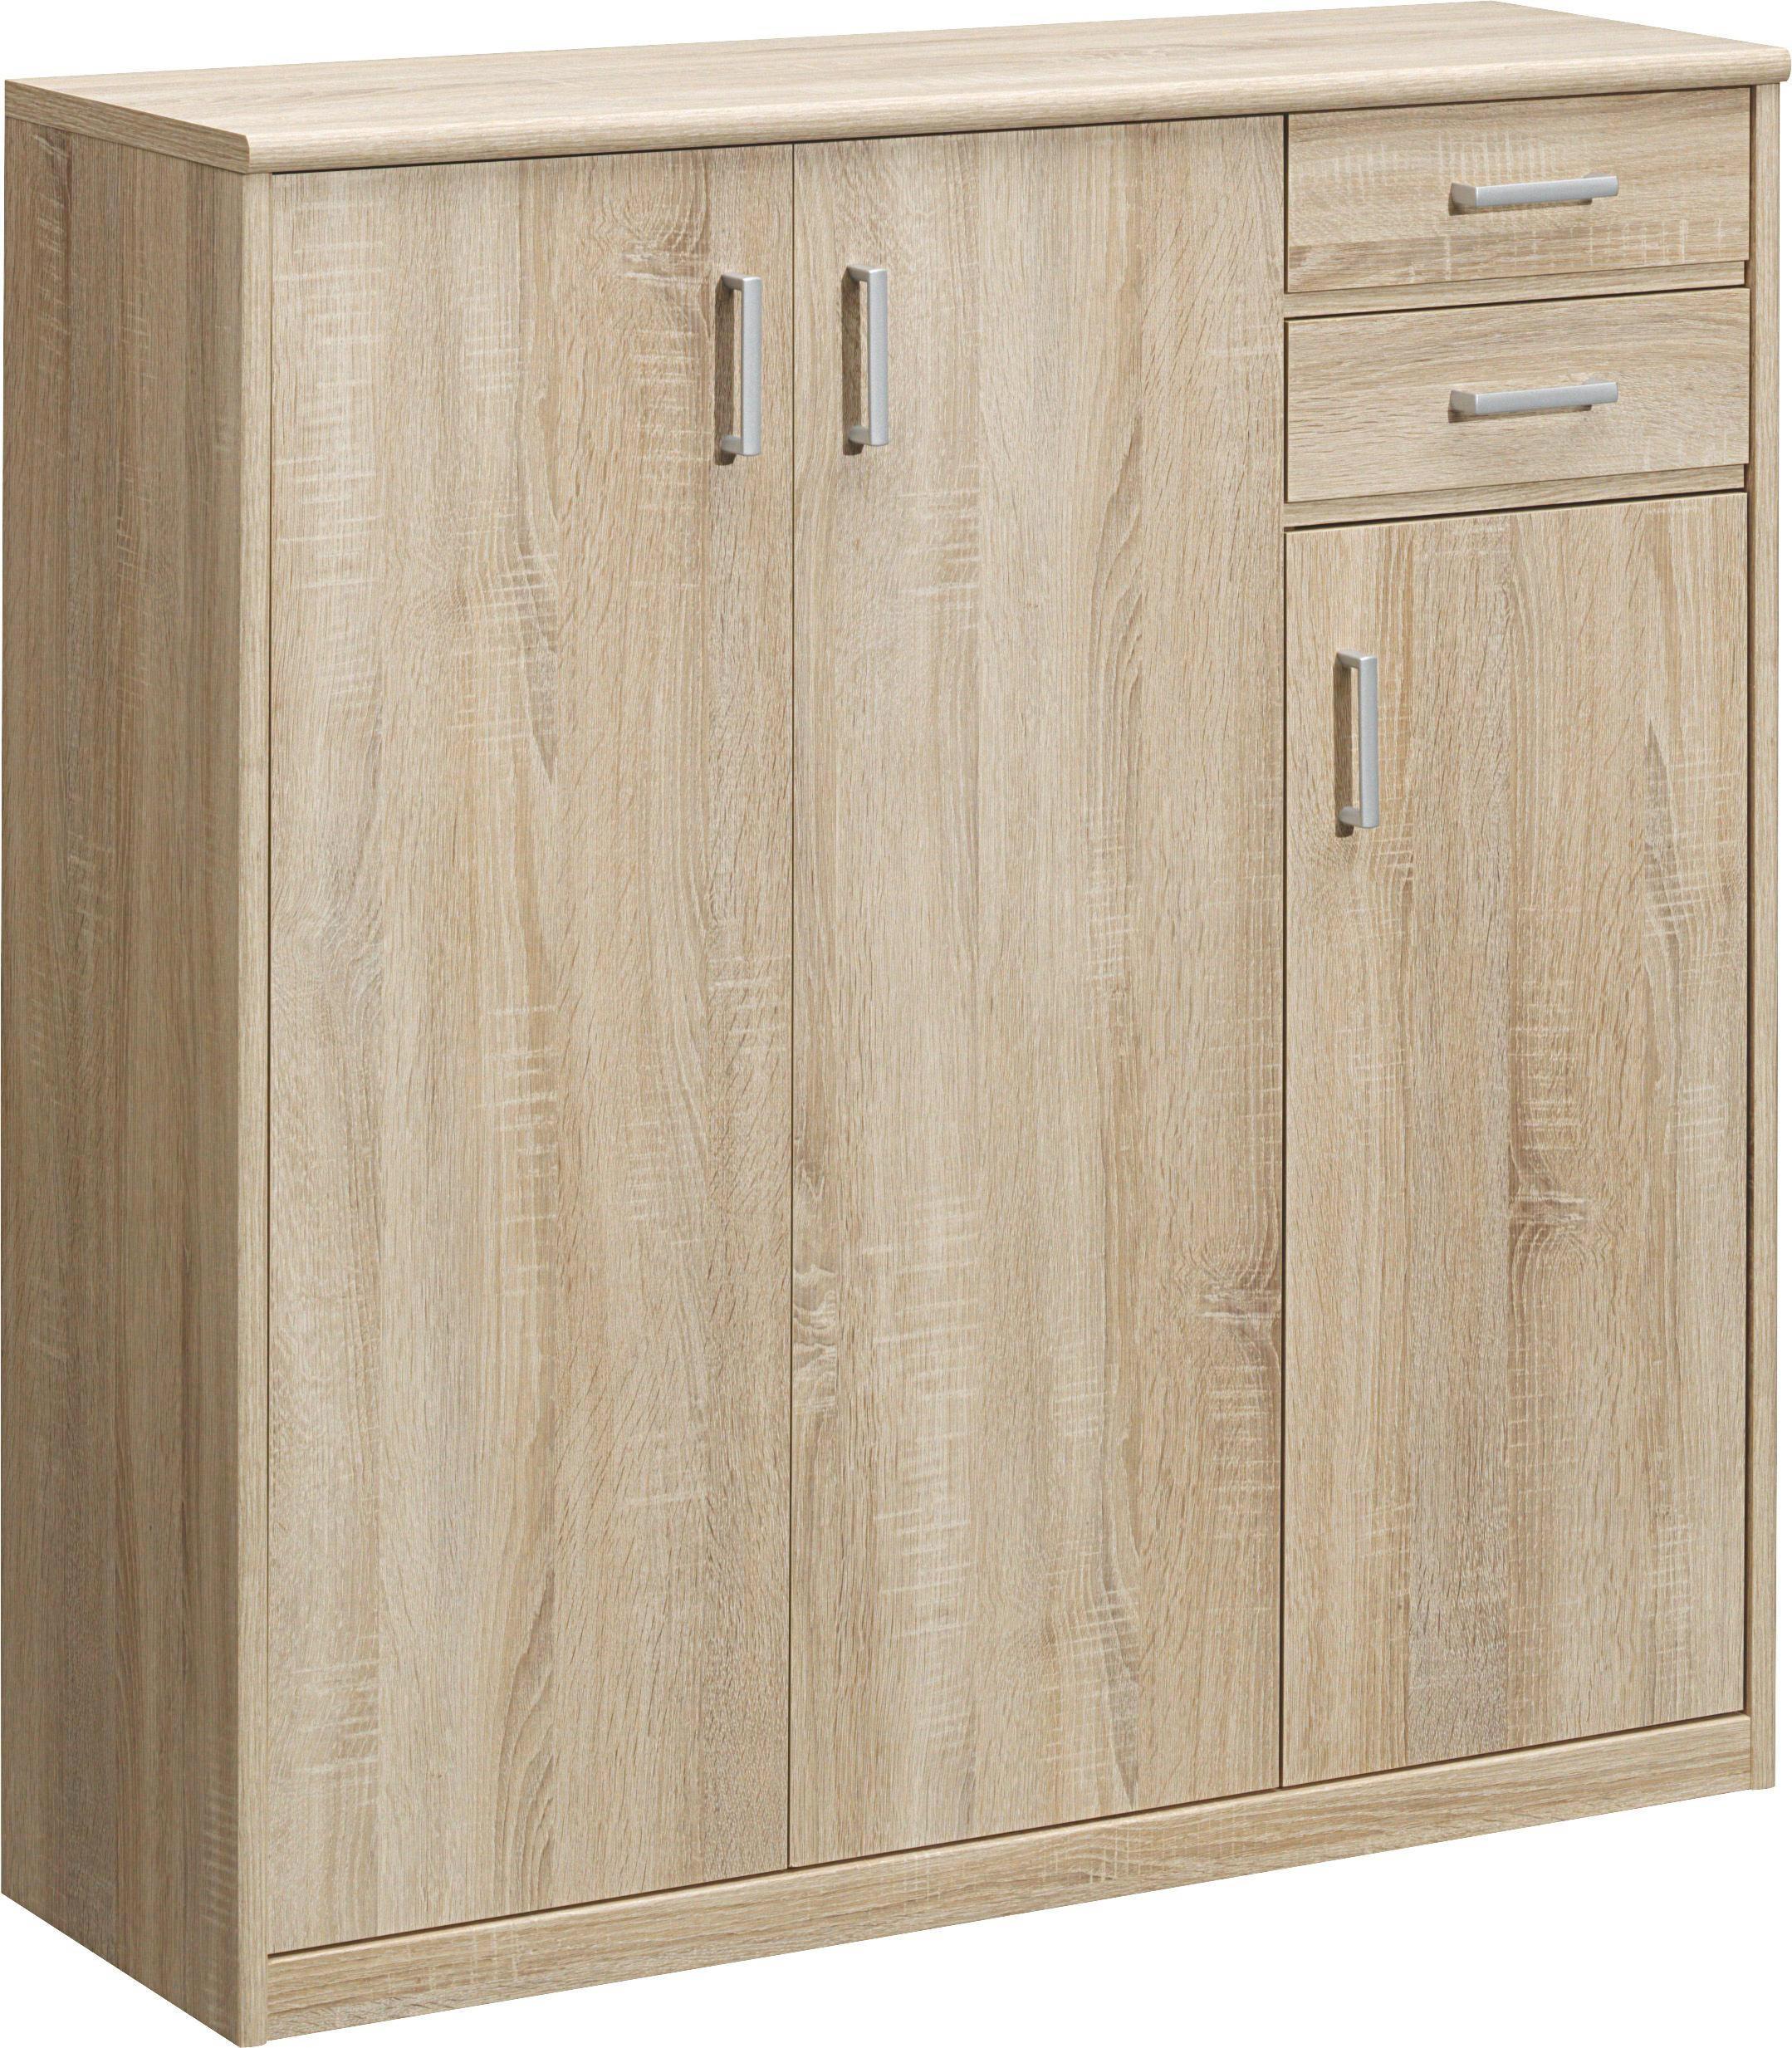 KOMMODE in Eichefarben - Eichefarben/Silberfarben, KONVENTIONELL, Holzwerkstoff/Kunststoff (106/110/36cm) - CS SCHMAL